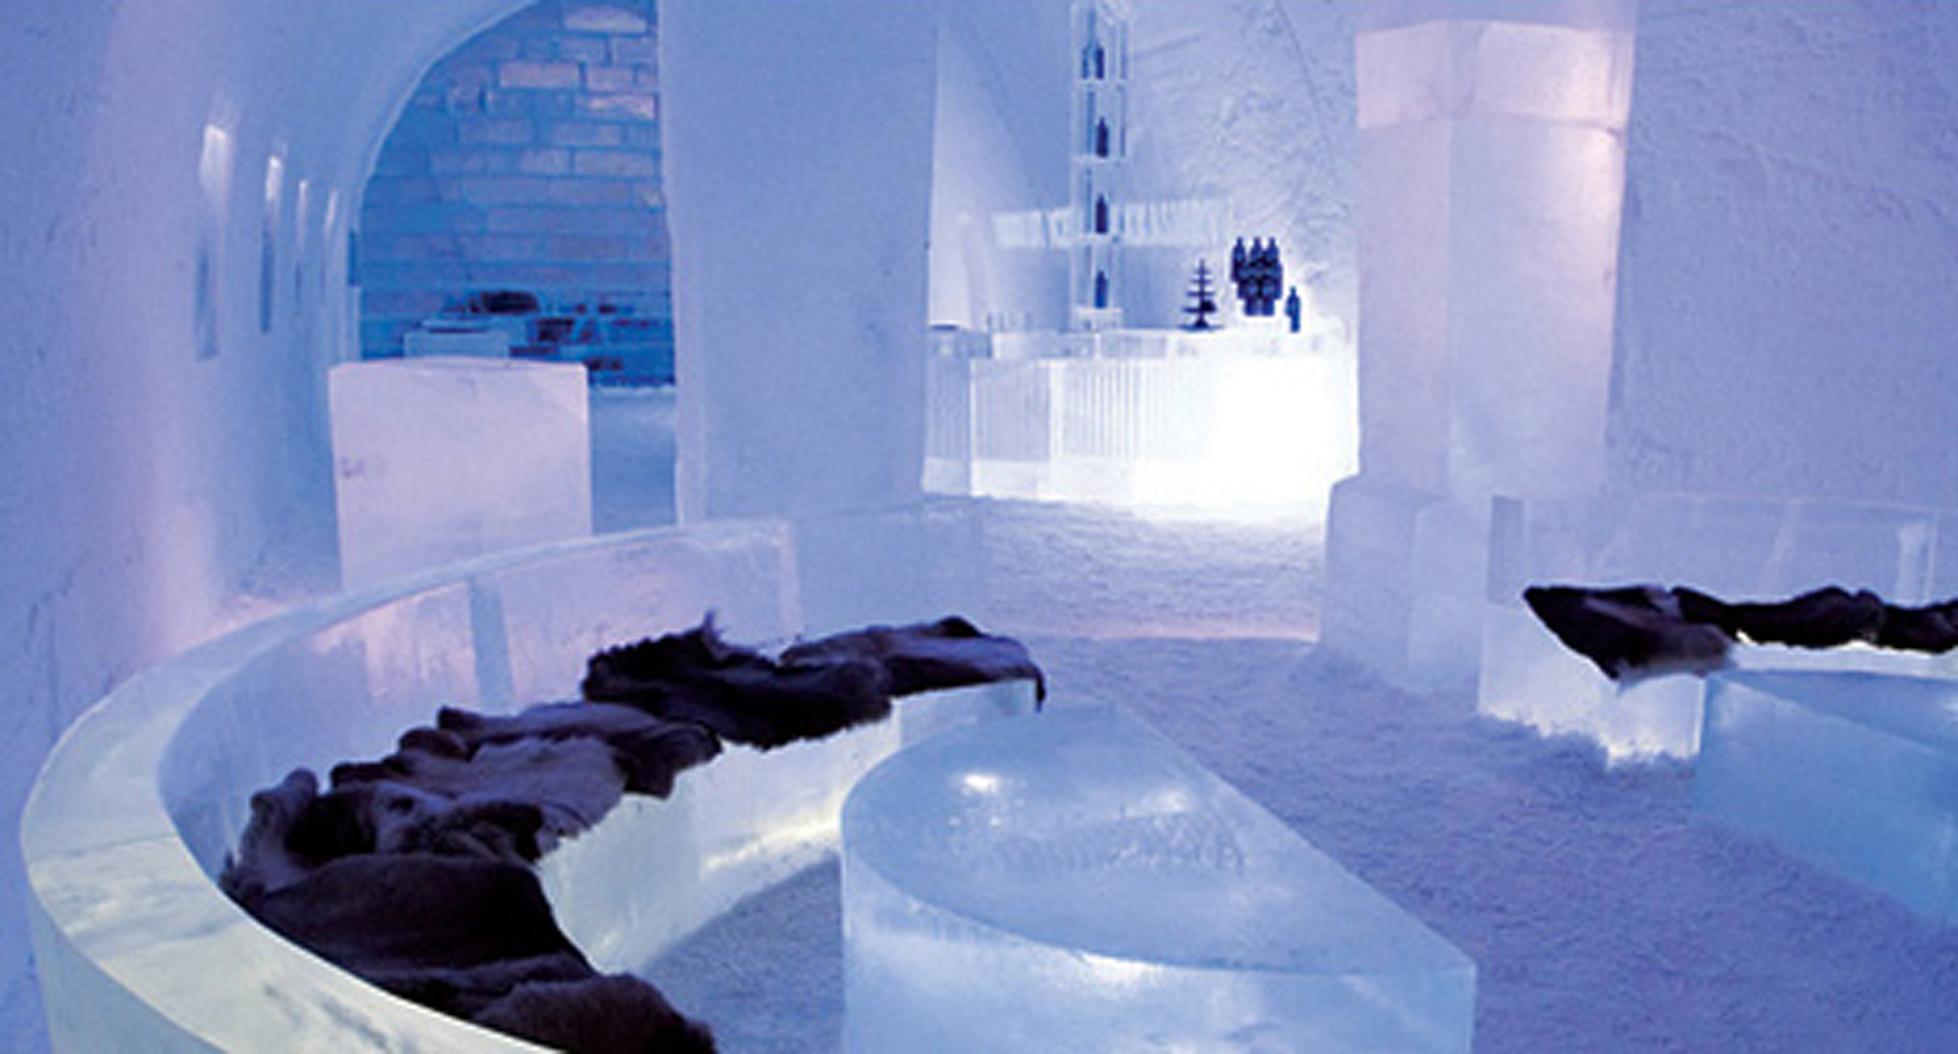 Chiêm ngưỡng khách sạn băng độc đáo giá hơn 200 triệu/ đêm 6